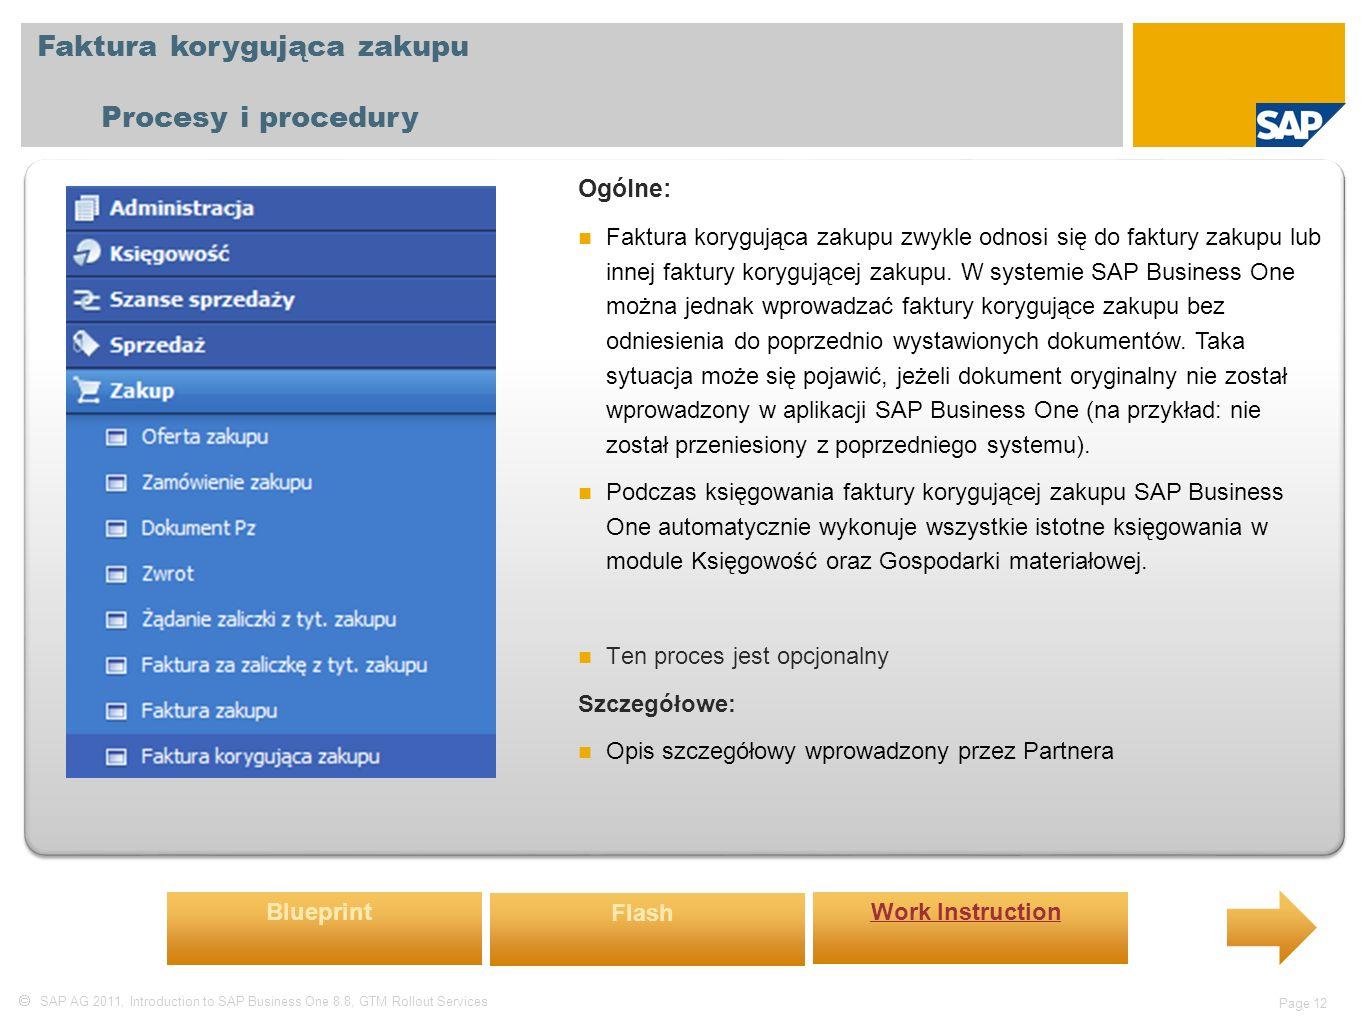  SAP AG 2011, Introduction to SAP Business One 8.8, GTM Rollout Services Page 12 Faktura korygująca zakupu Procesy i procedury Ogólne: Faktura korygująca zakupu zwykle odnosi się do faktury zakupu lub innej faktury korygującej zakupu.